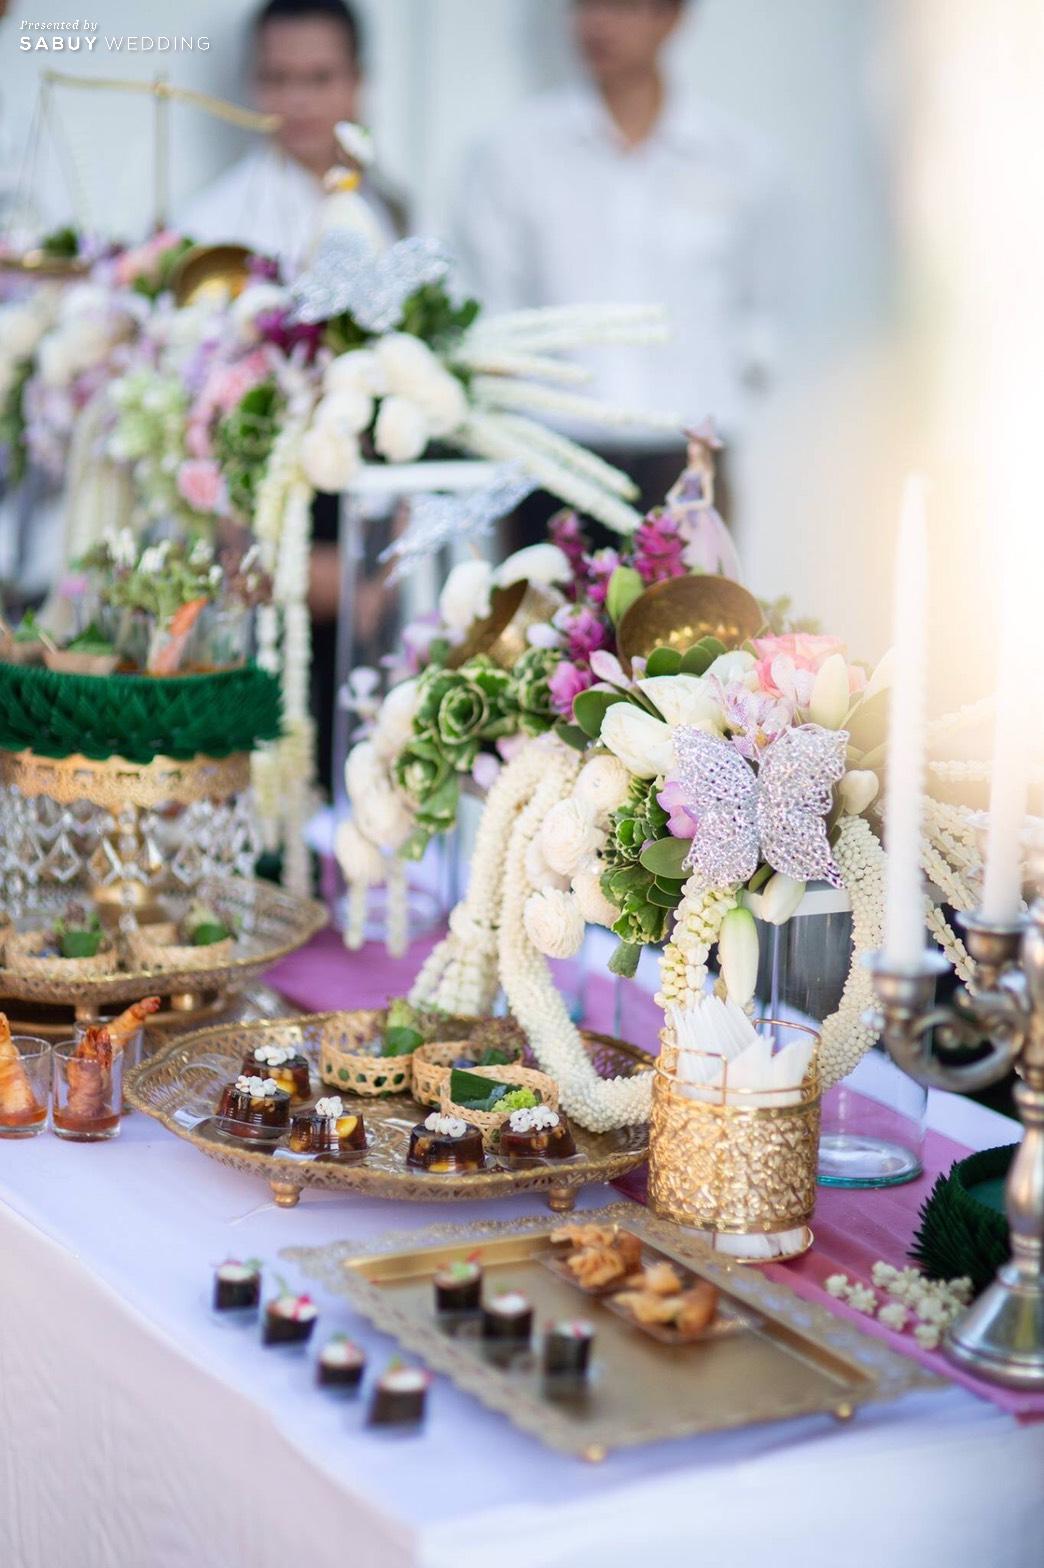 งานแต่งงาน,อาหารงานแต่ง รีวิวงานแต่งเสน่ห์ไทย ในสถานที่สไตล์โคโลเนียล @ House of Chandra